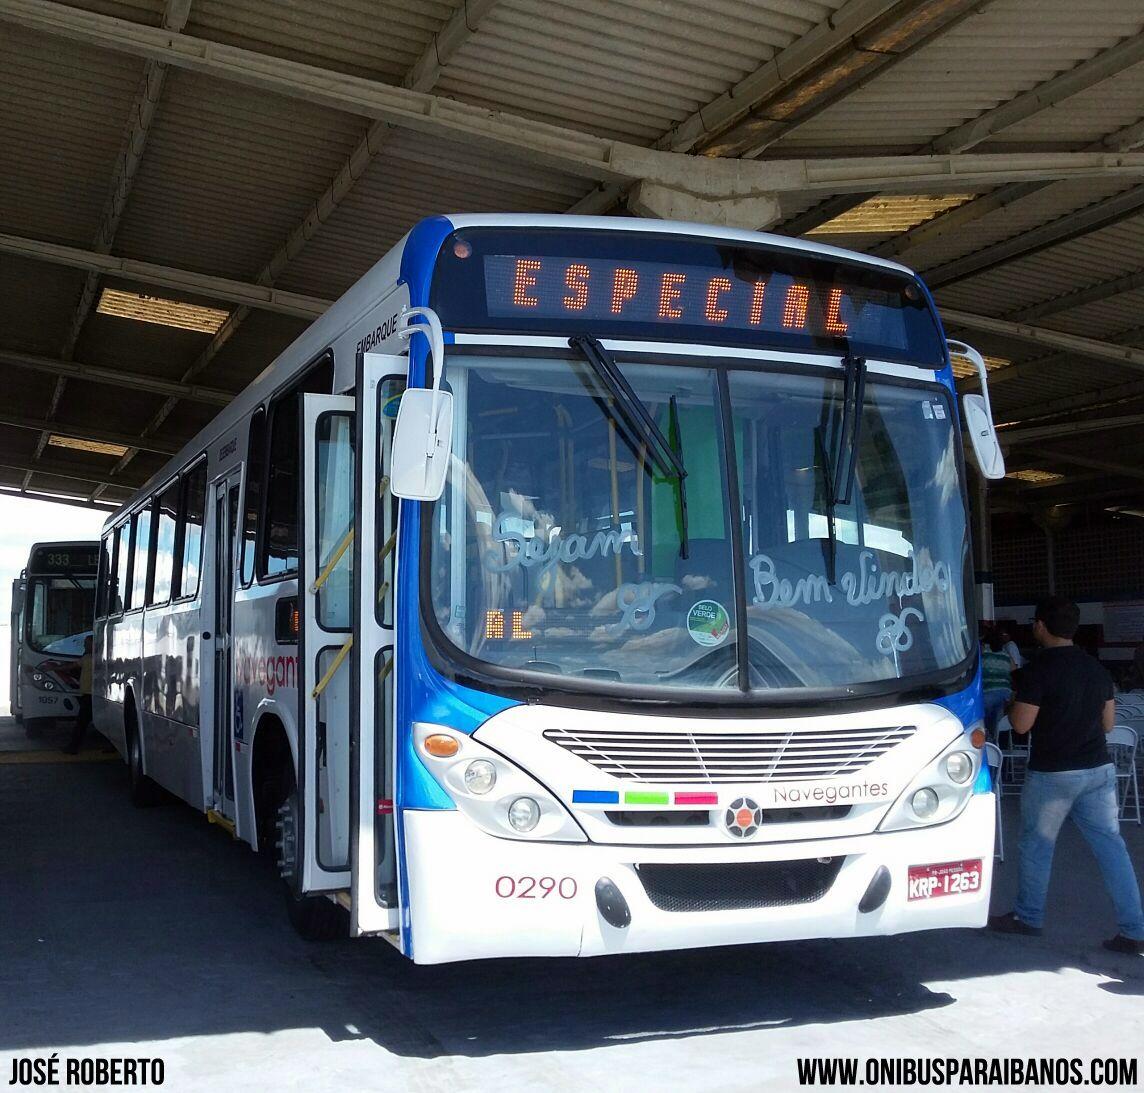 9E1AAAC1-BEFB-4C58-9928-E144940978A5